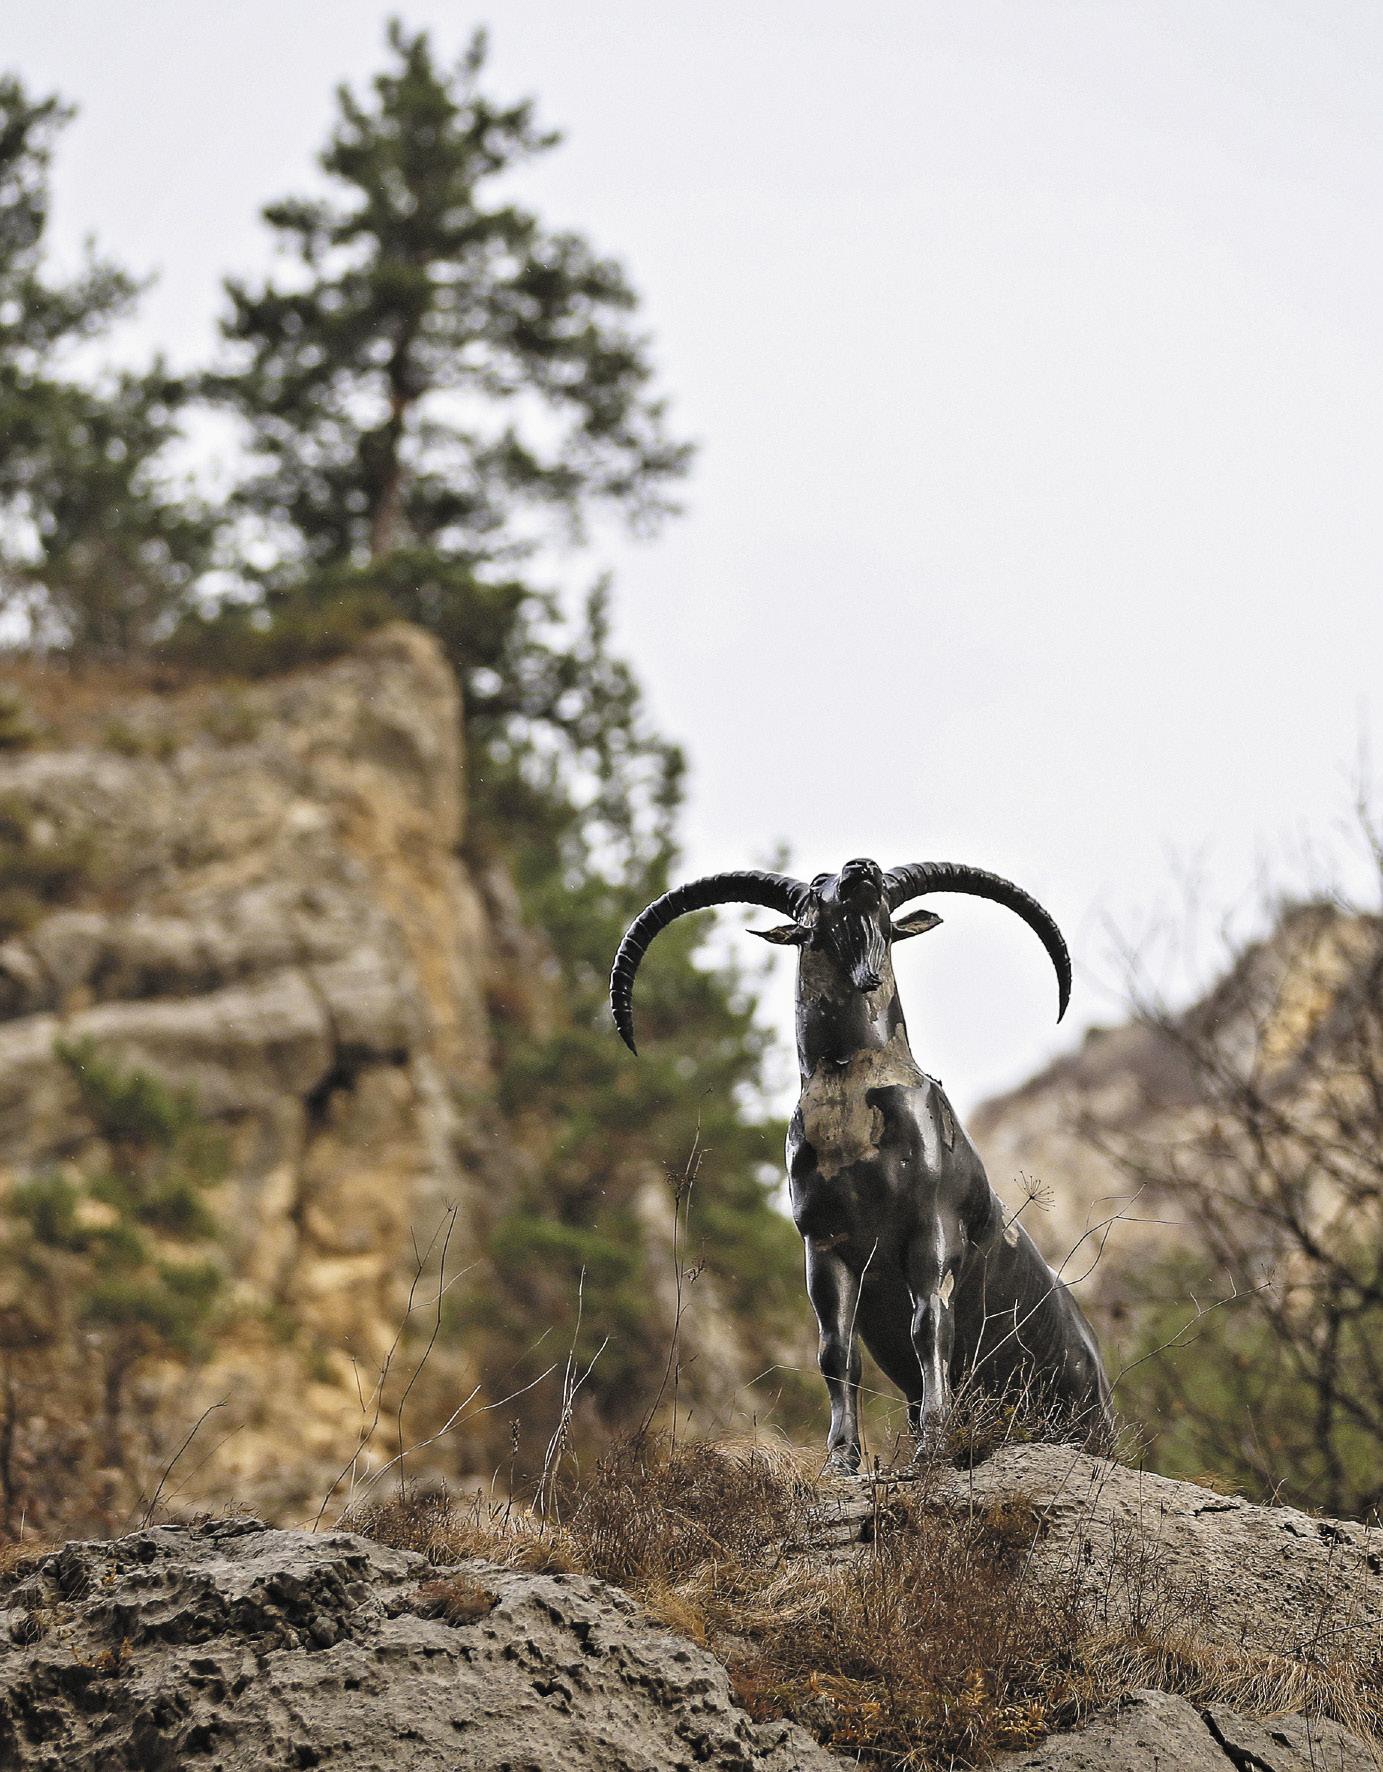 К сожалению, горного козла в Аргунском ущелье сегодня встретишь не часто. На снимке изображена всего лишь его скульп- тура, хотя издалека она и похожа на настоящего дикого животного.